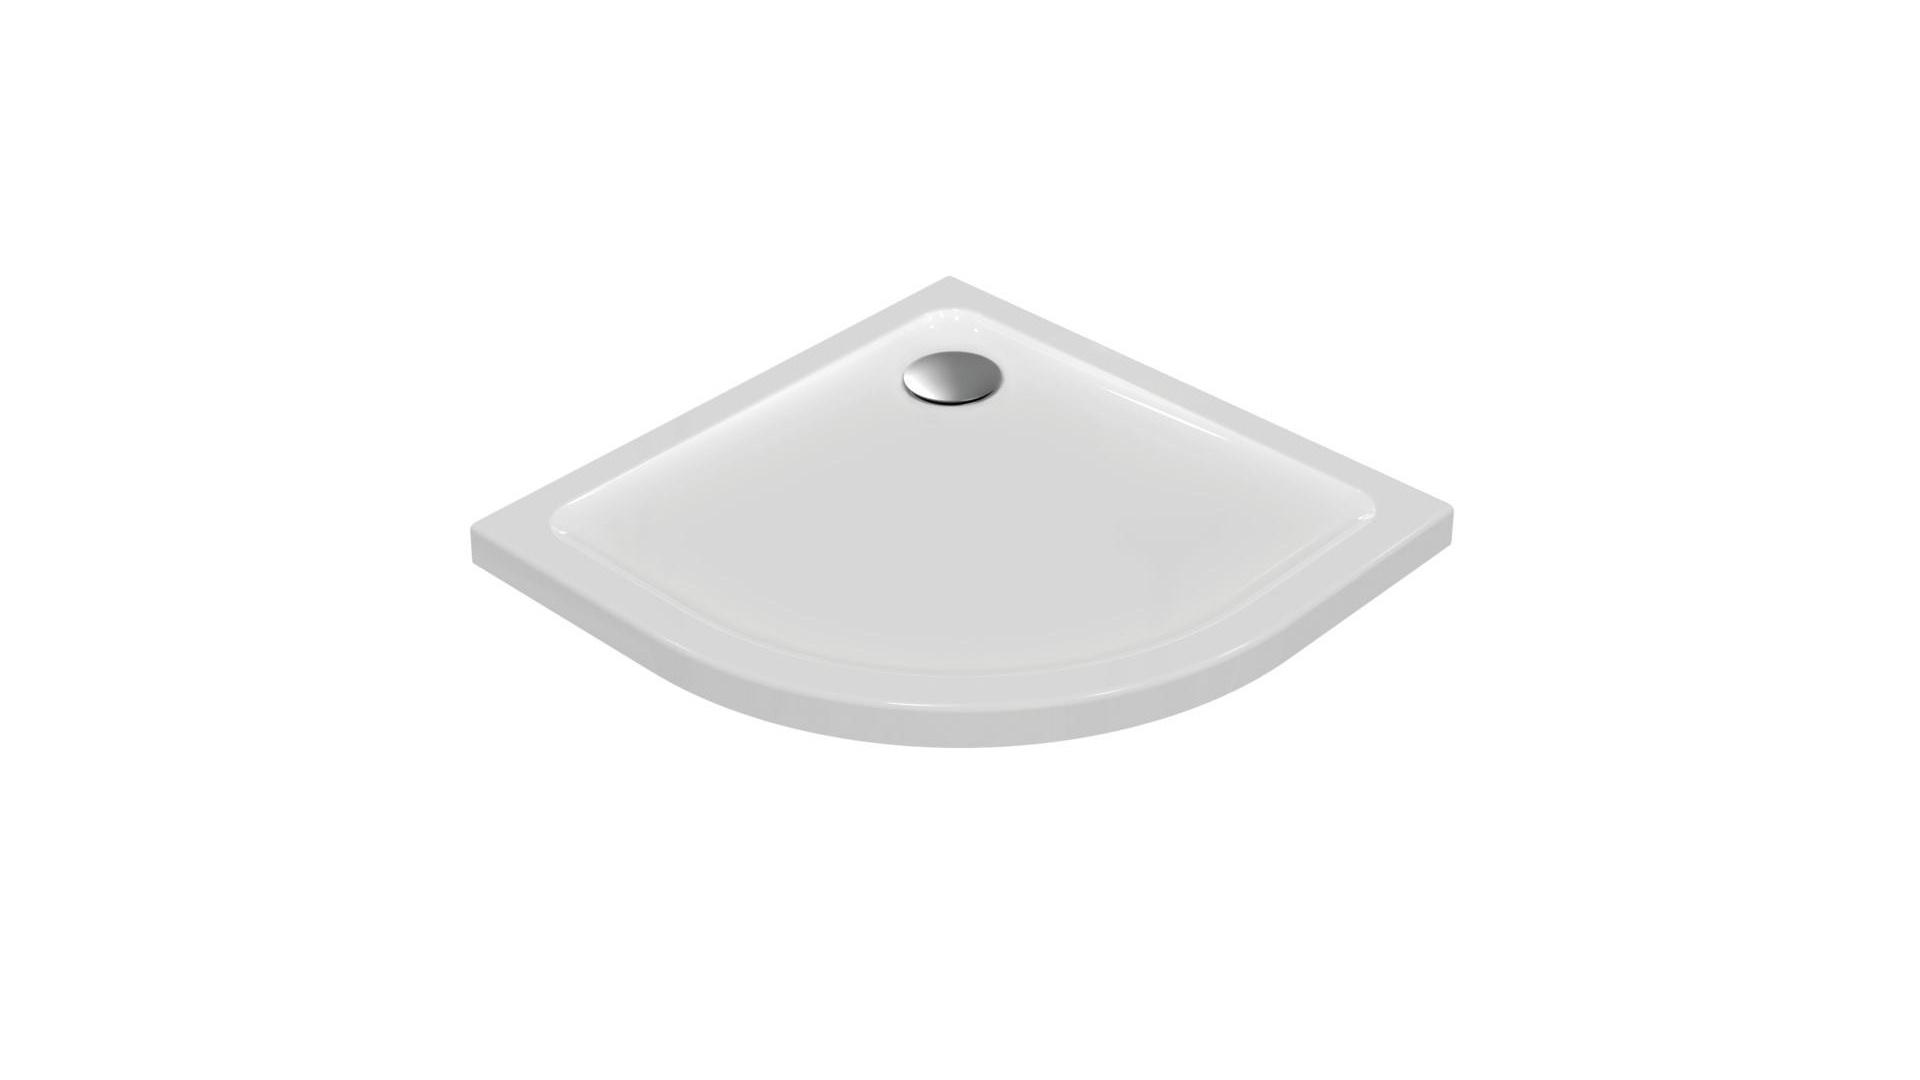 Receveur D'angle 90 X 90 Cm Quart De Rond Connect Design Ideal Standard dedans Receveur De Douche Extra Plat 90X90